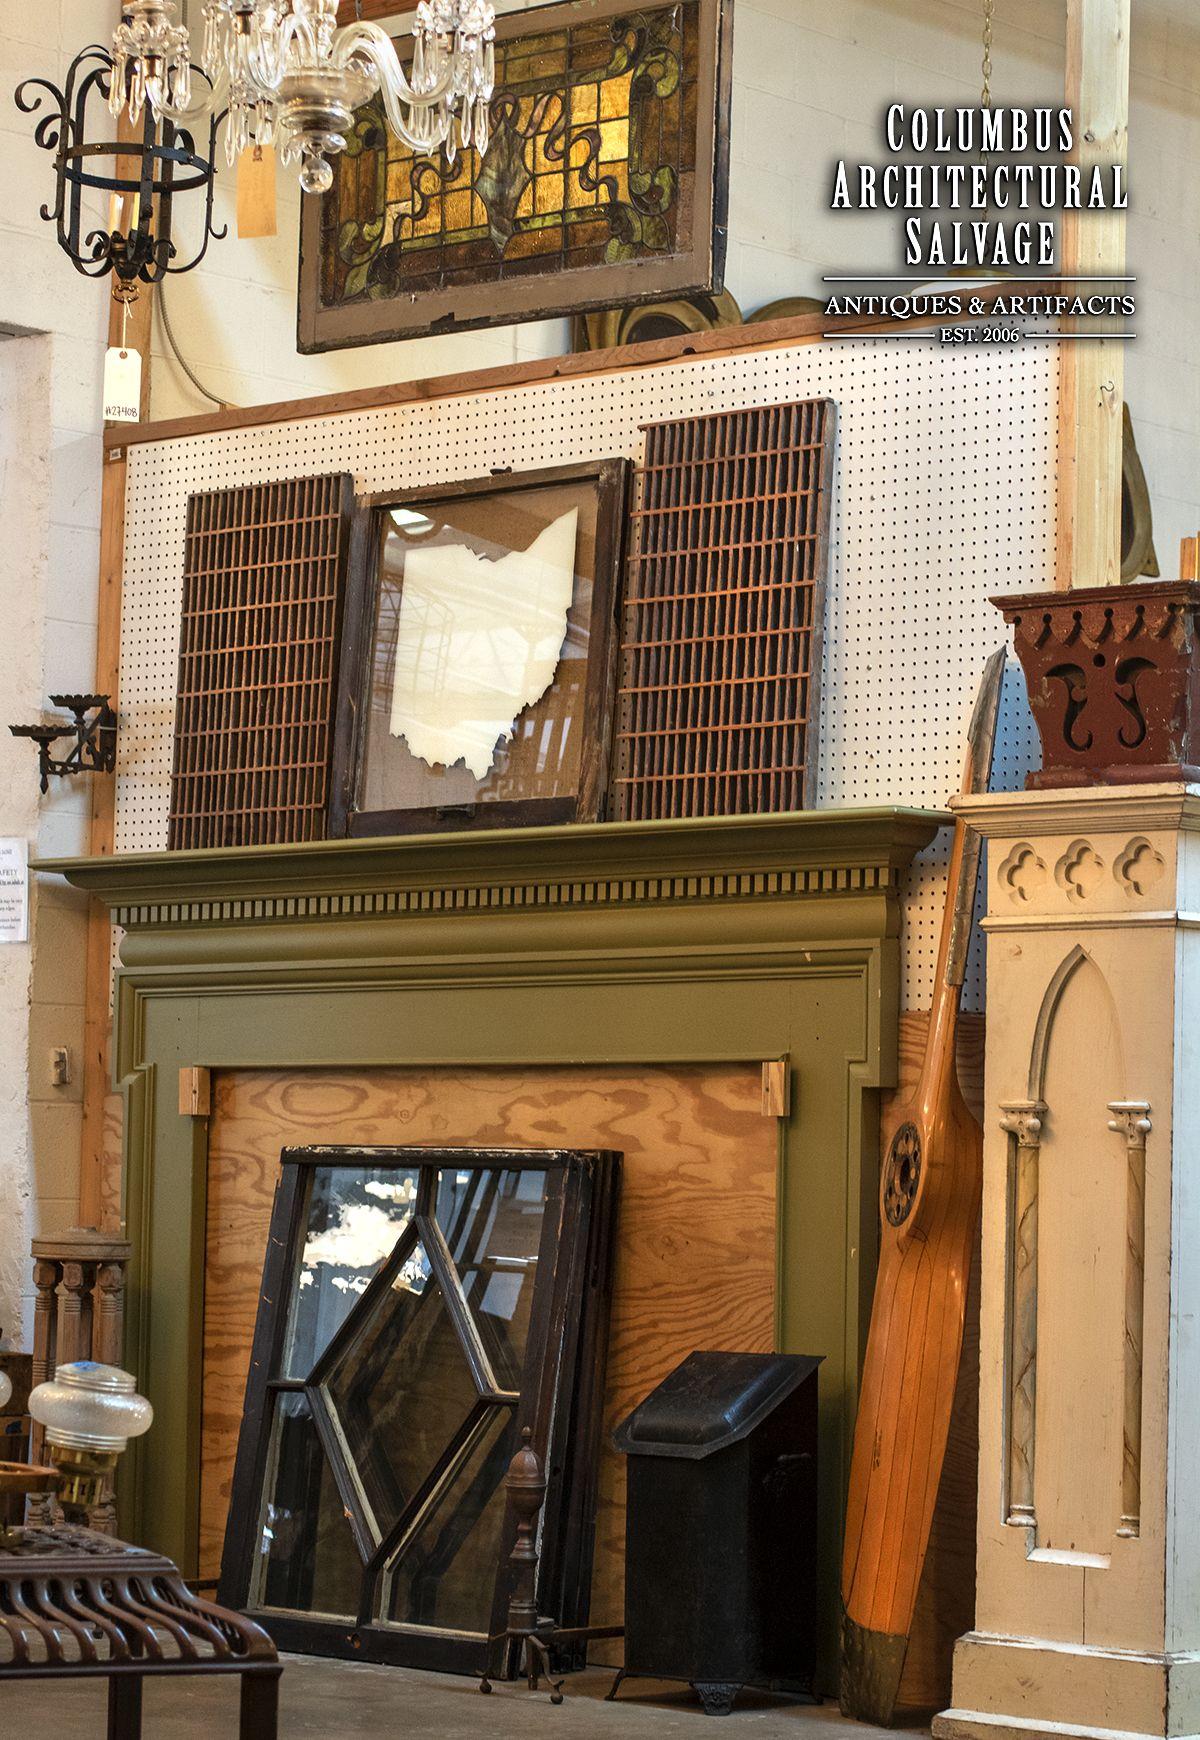 Cas Showroom In Columbus Ohio Home Decor Store Antique Store